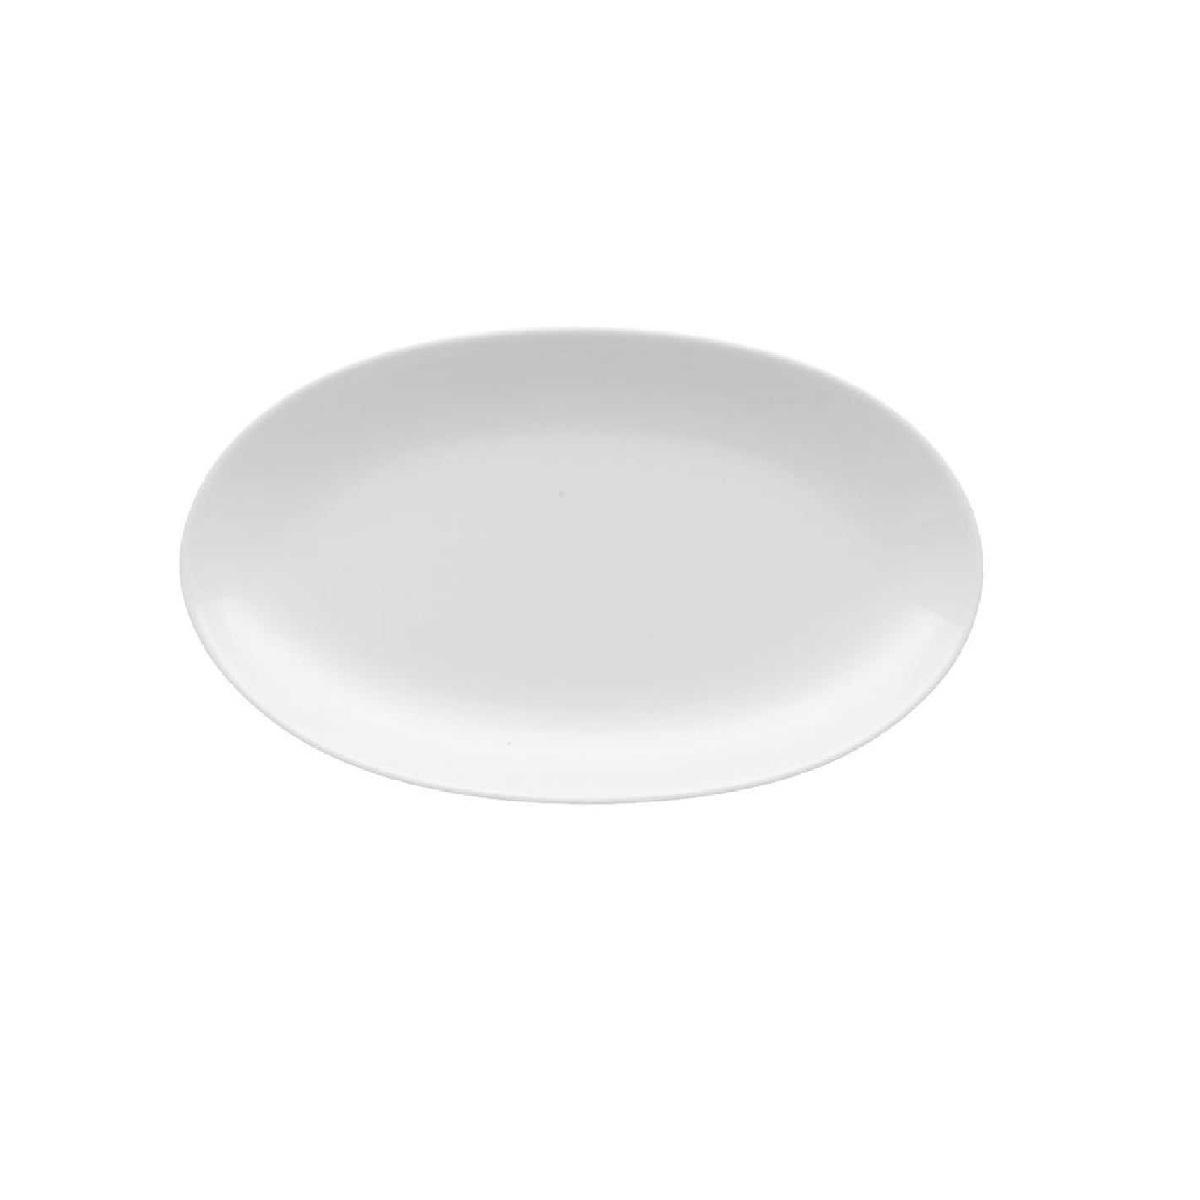 Блюдо фарфоровое овальное Rosenthal JADE, длина 24 см, белый Rosenthal 61040-800001-15323 фото 1